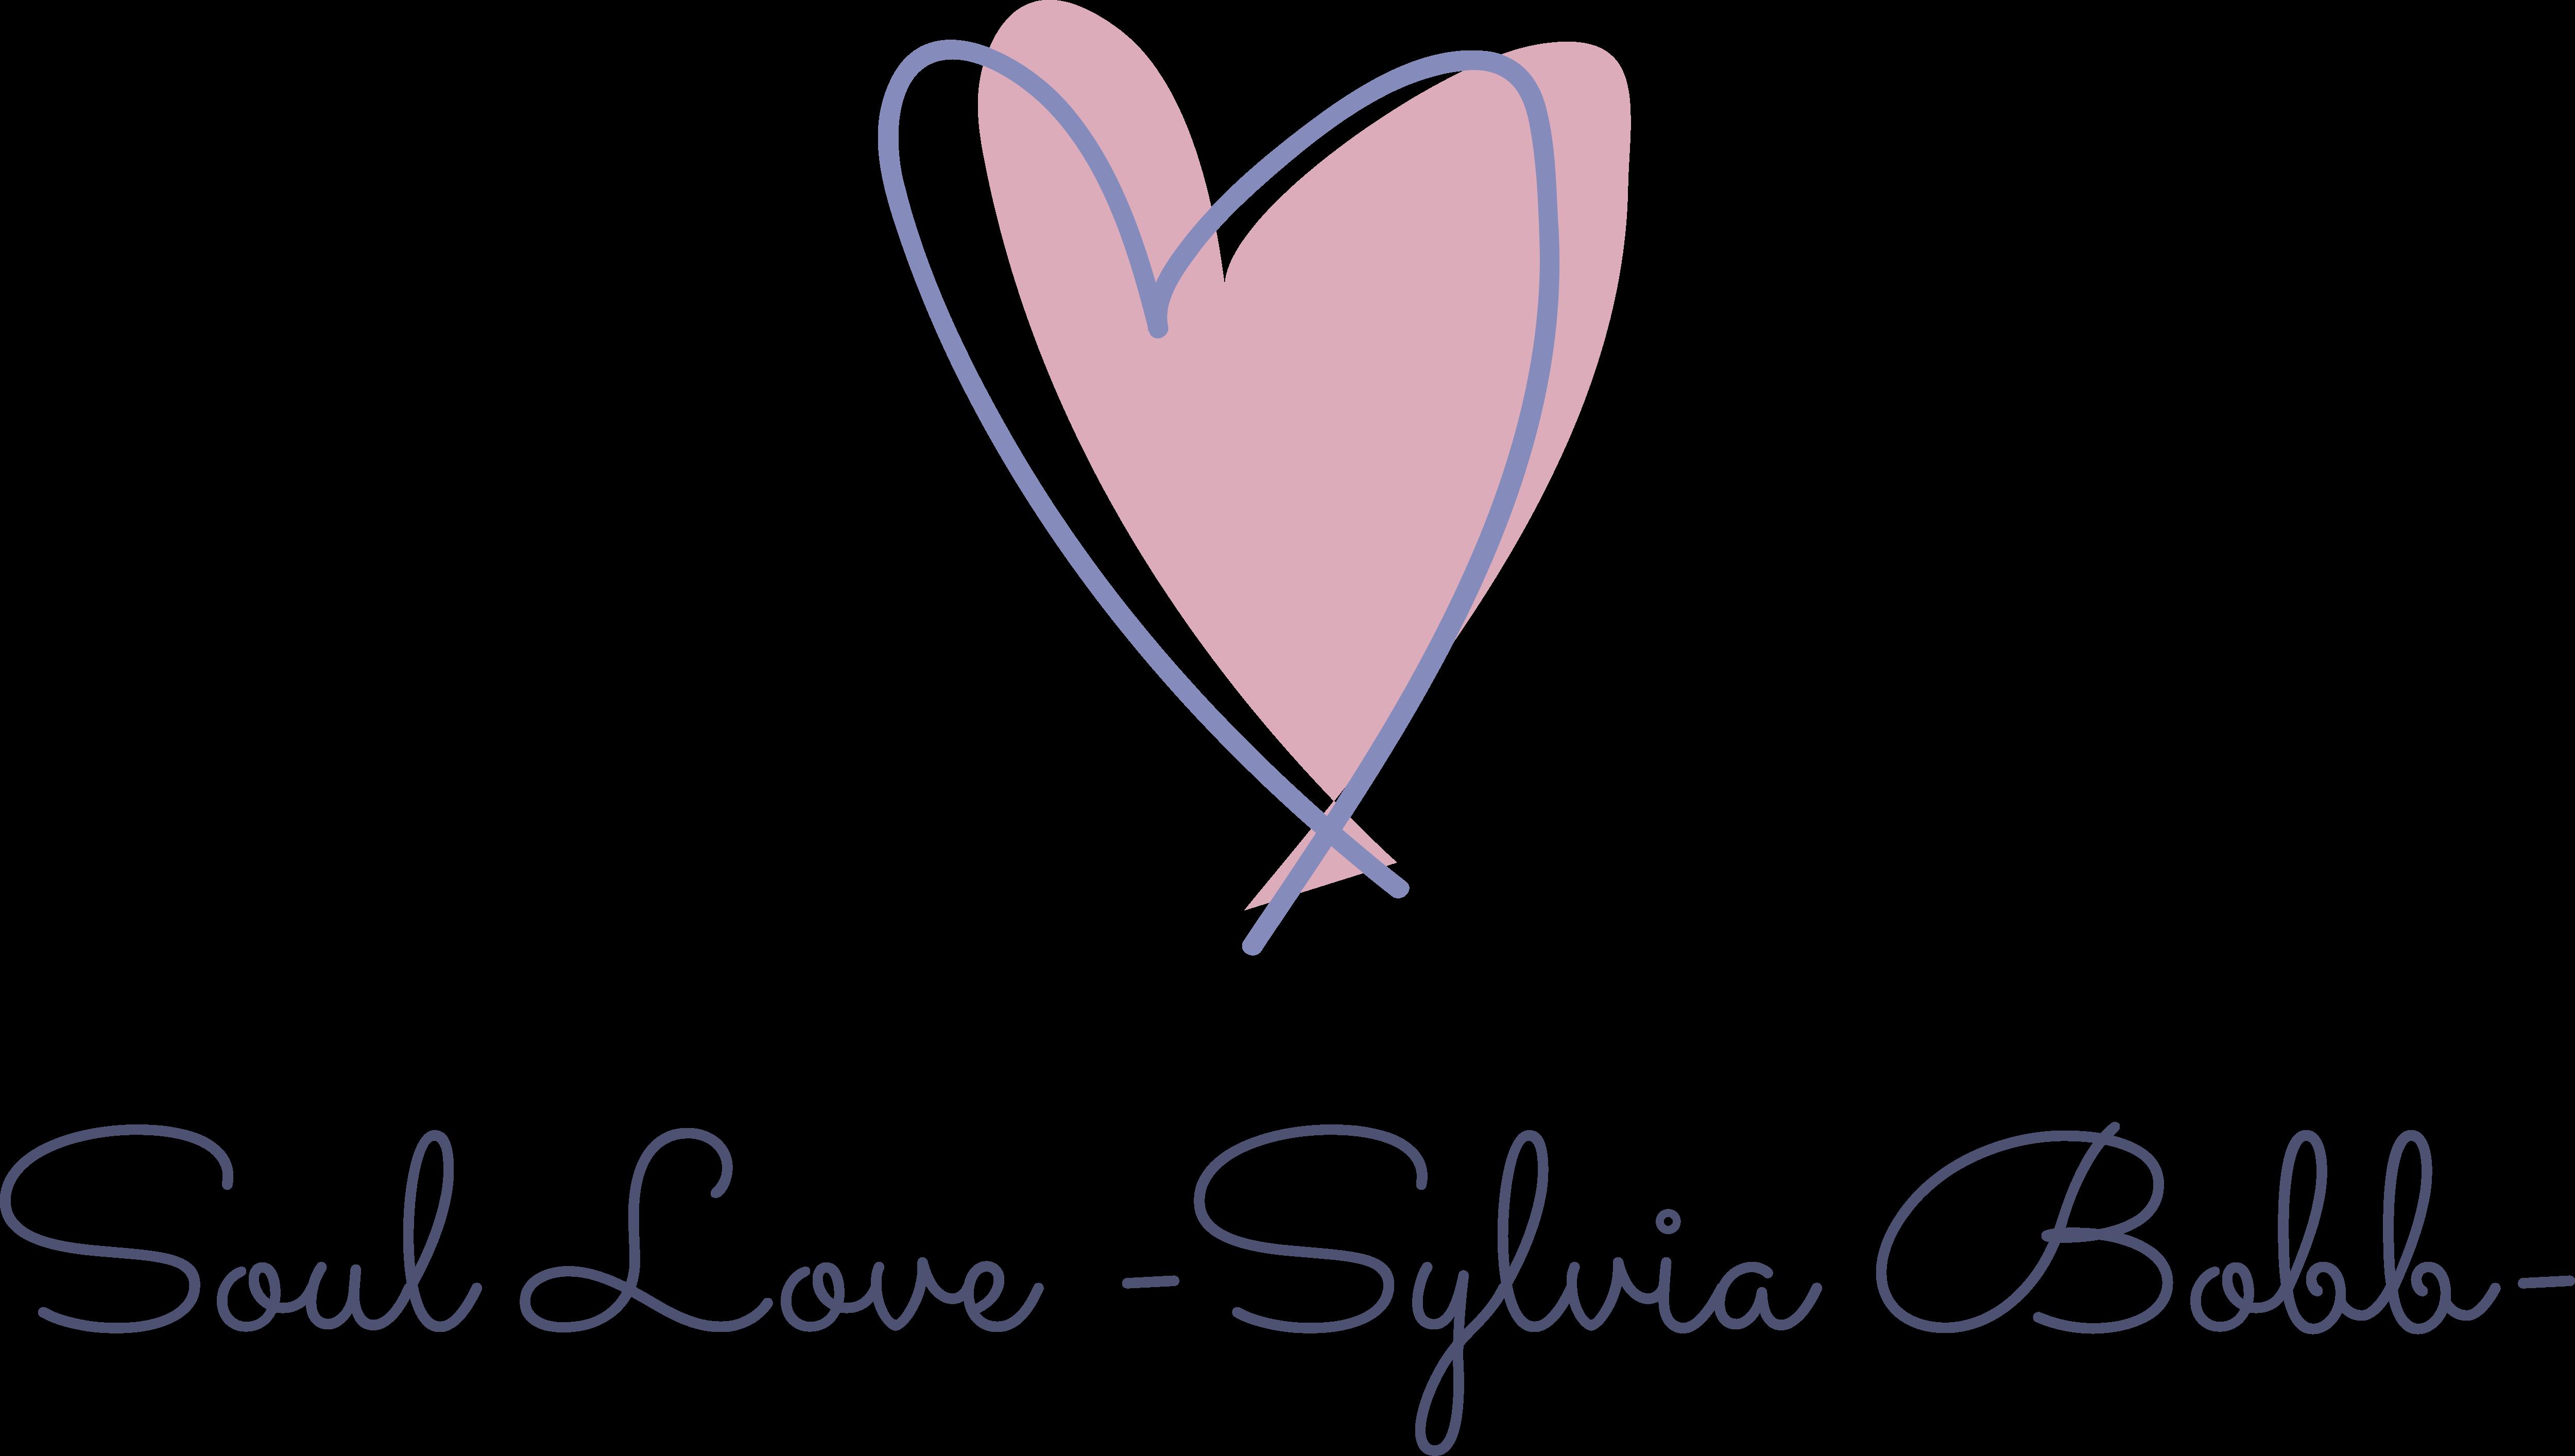 Sylvia Bobb Soul Love